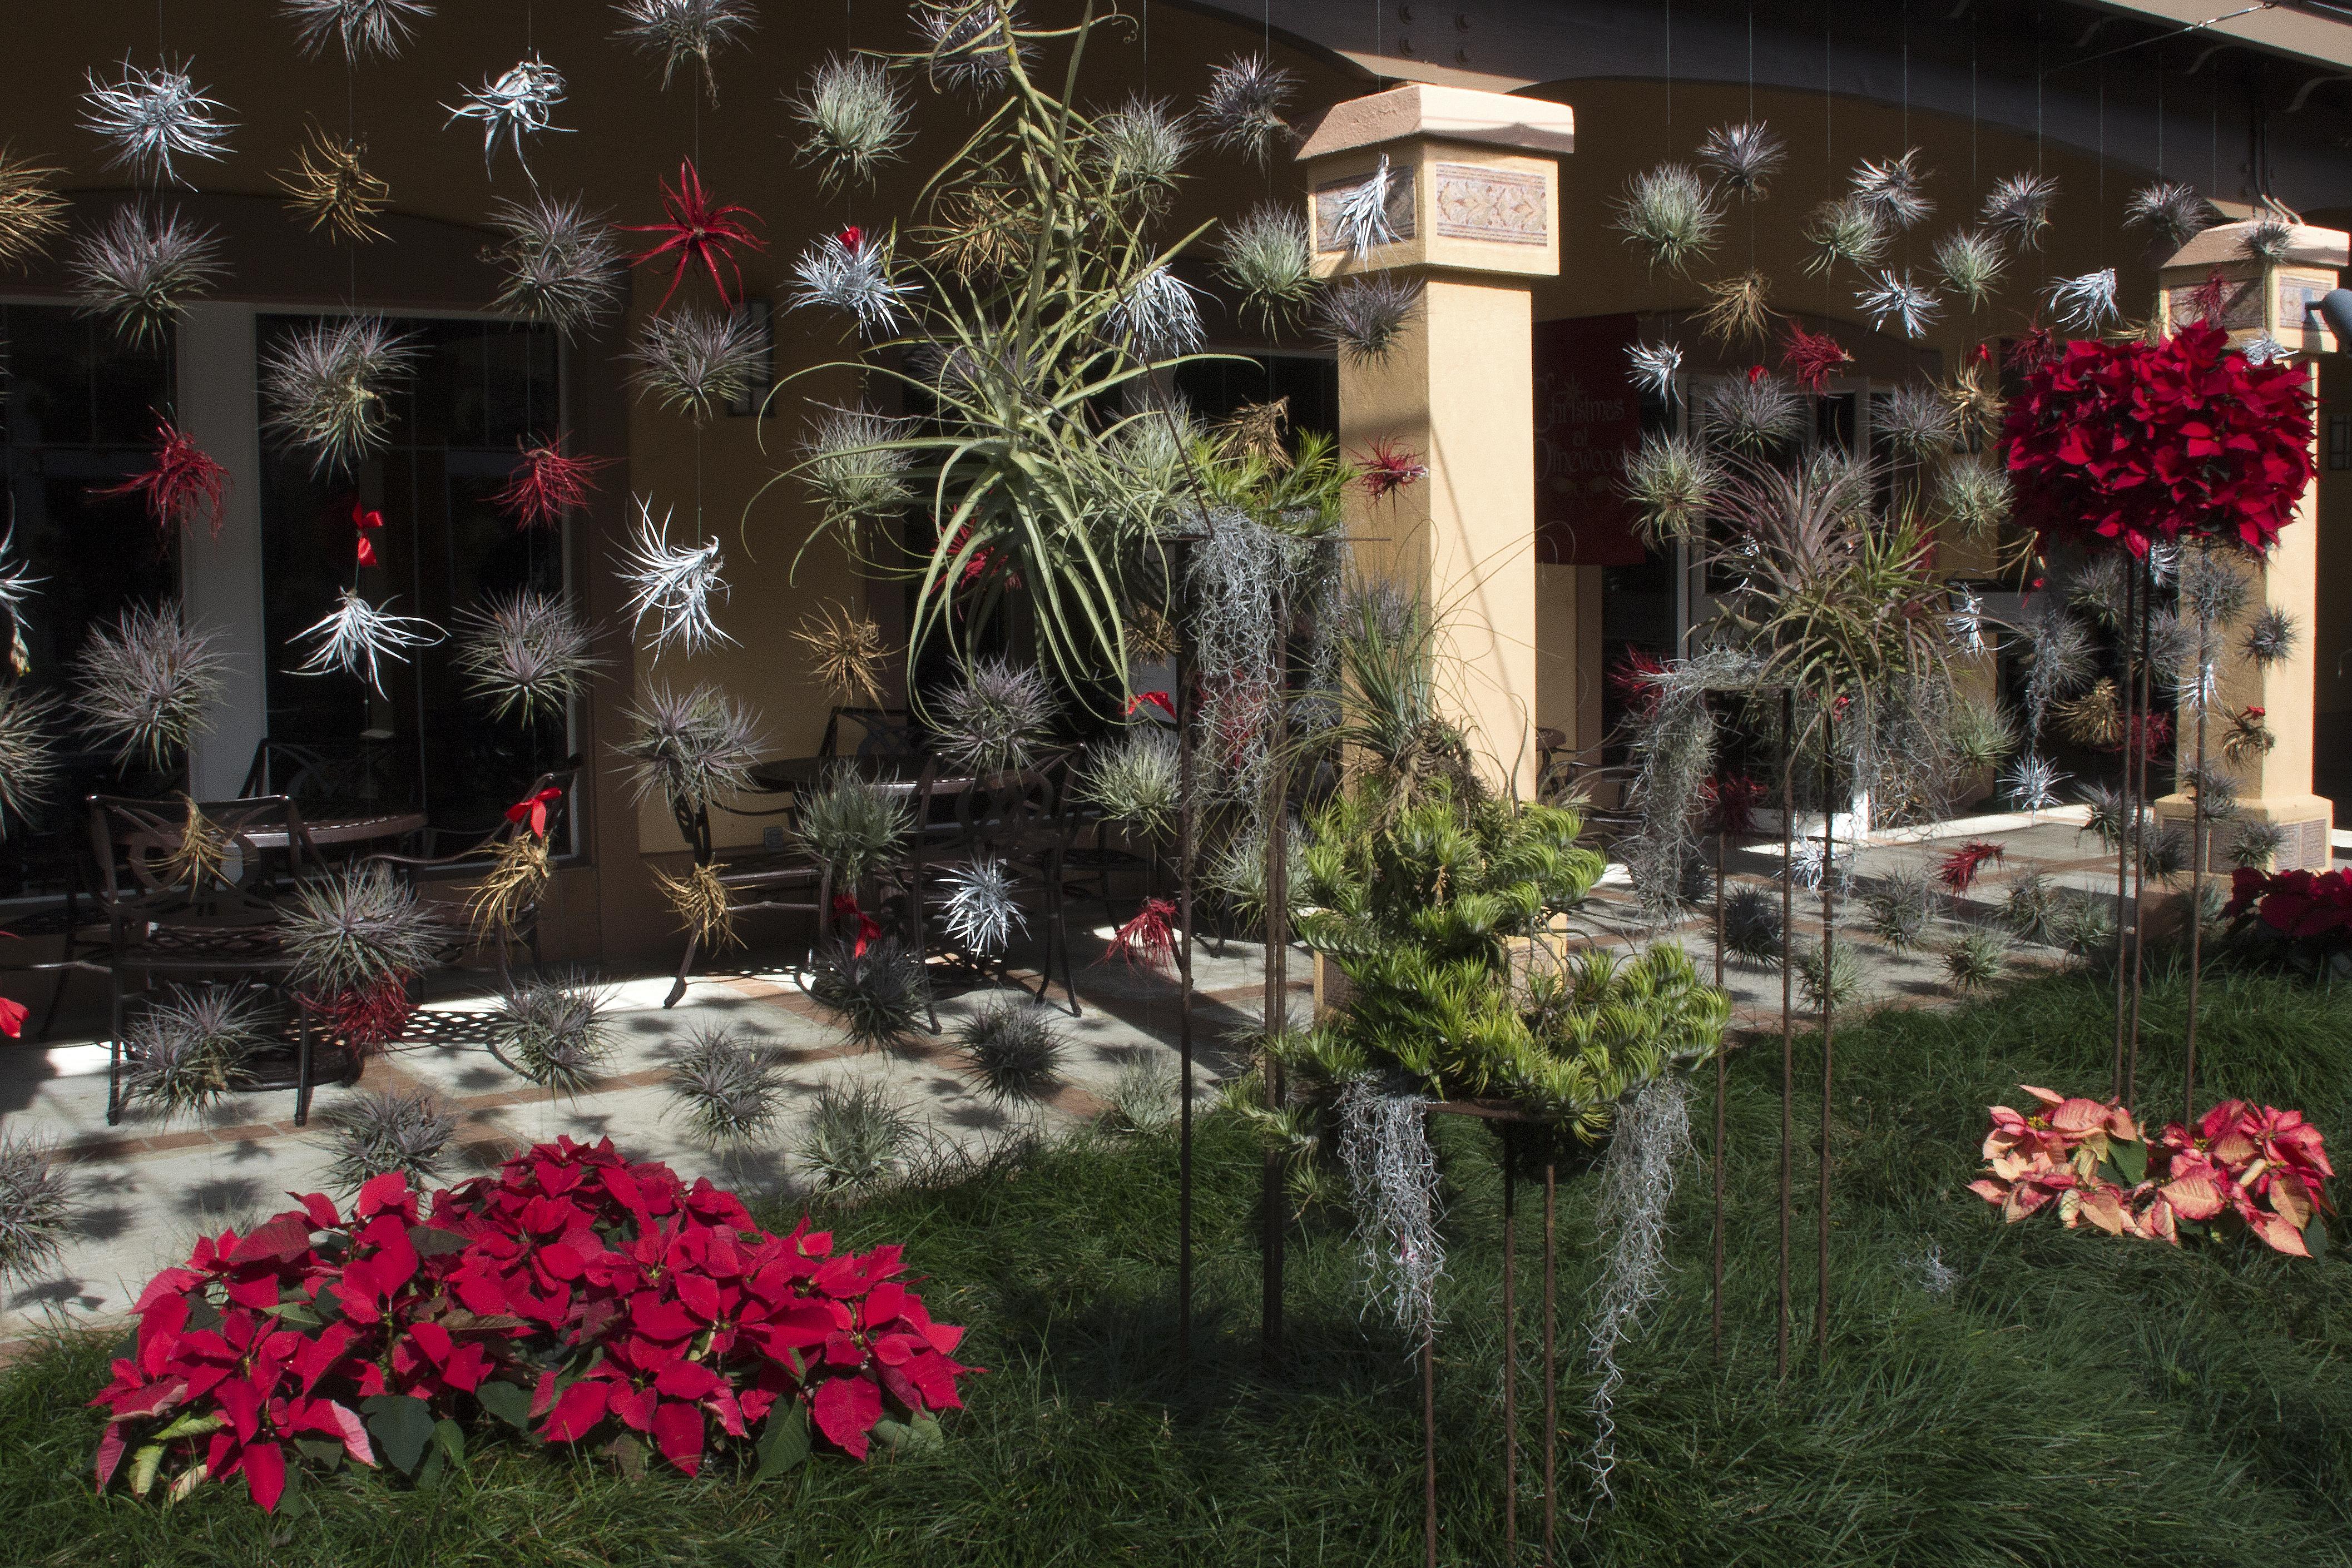 Bromeliad Wall at Christmas | naturetime